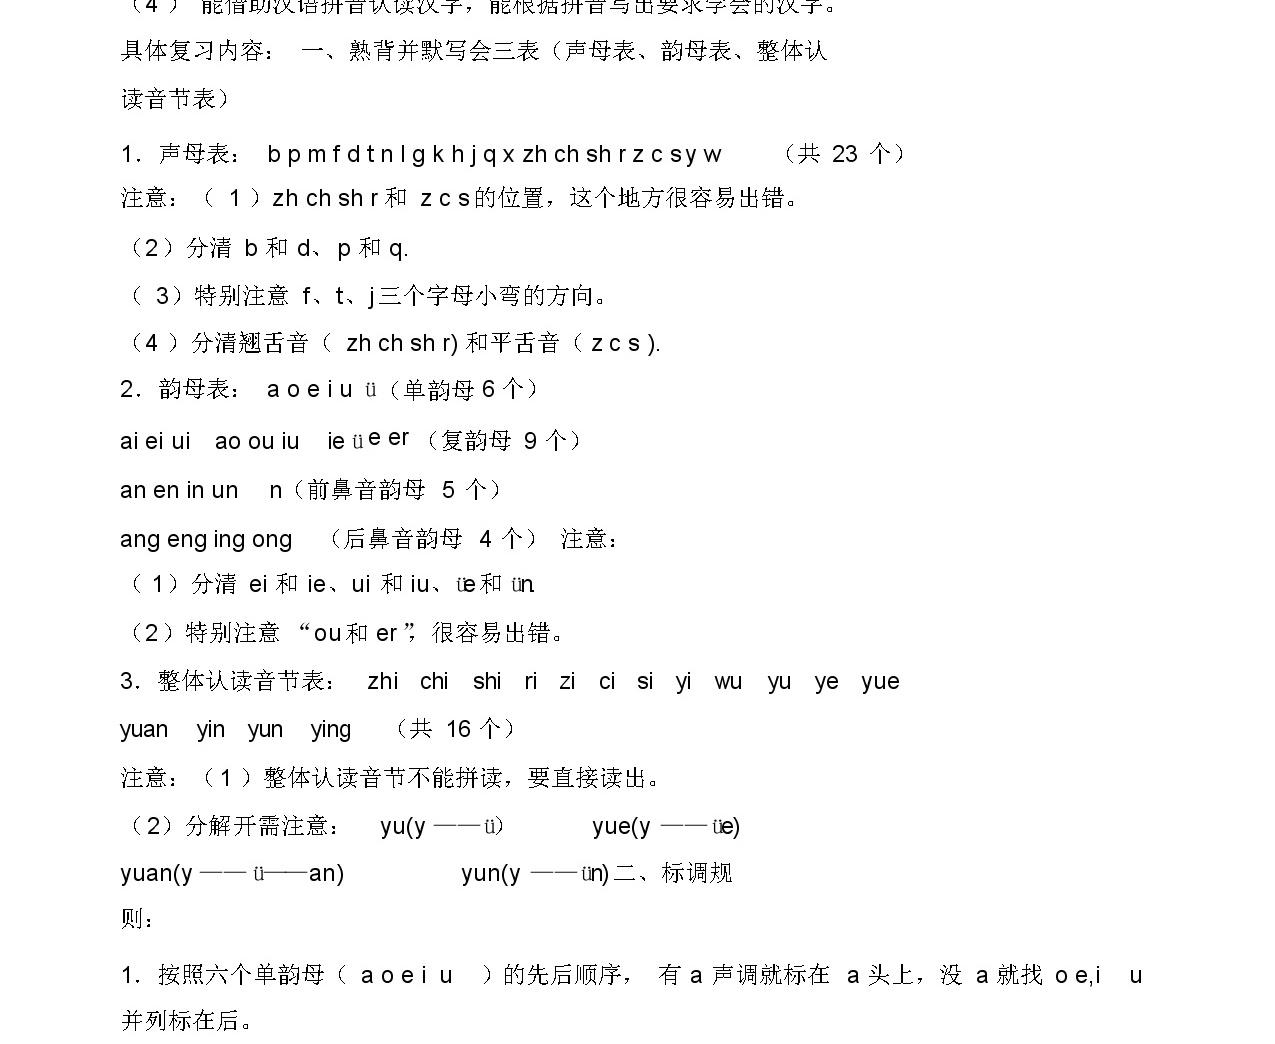 人教版 一年級語文上冊 知識點整理-8頁01